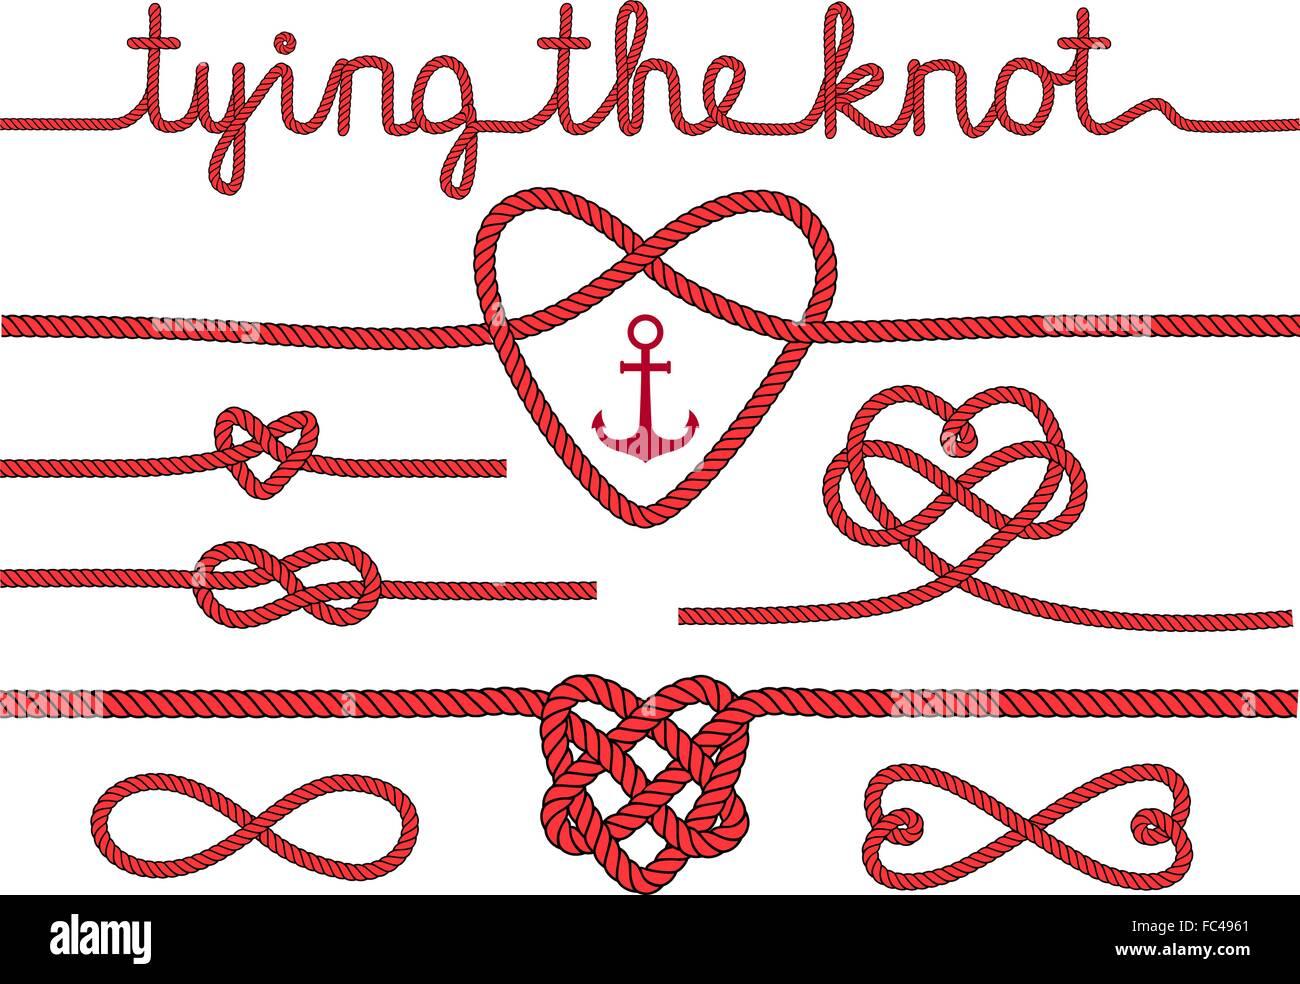 Infinity Knot Design Stock Photos & Infinity Knot Design Stock ...